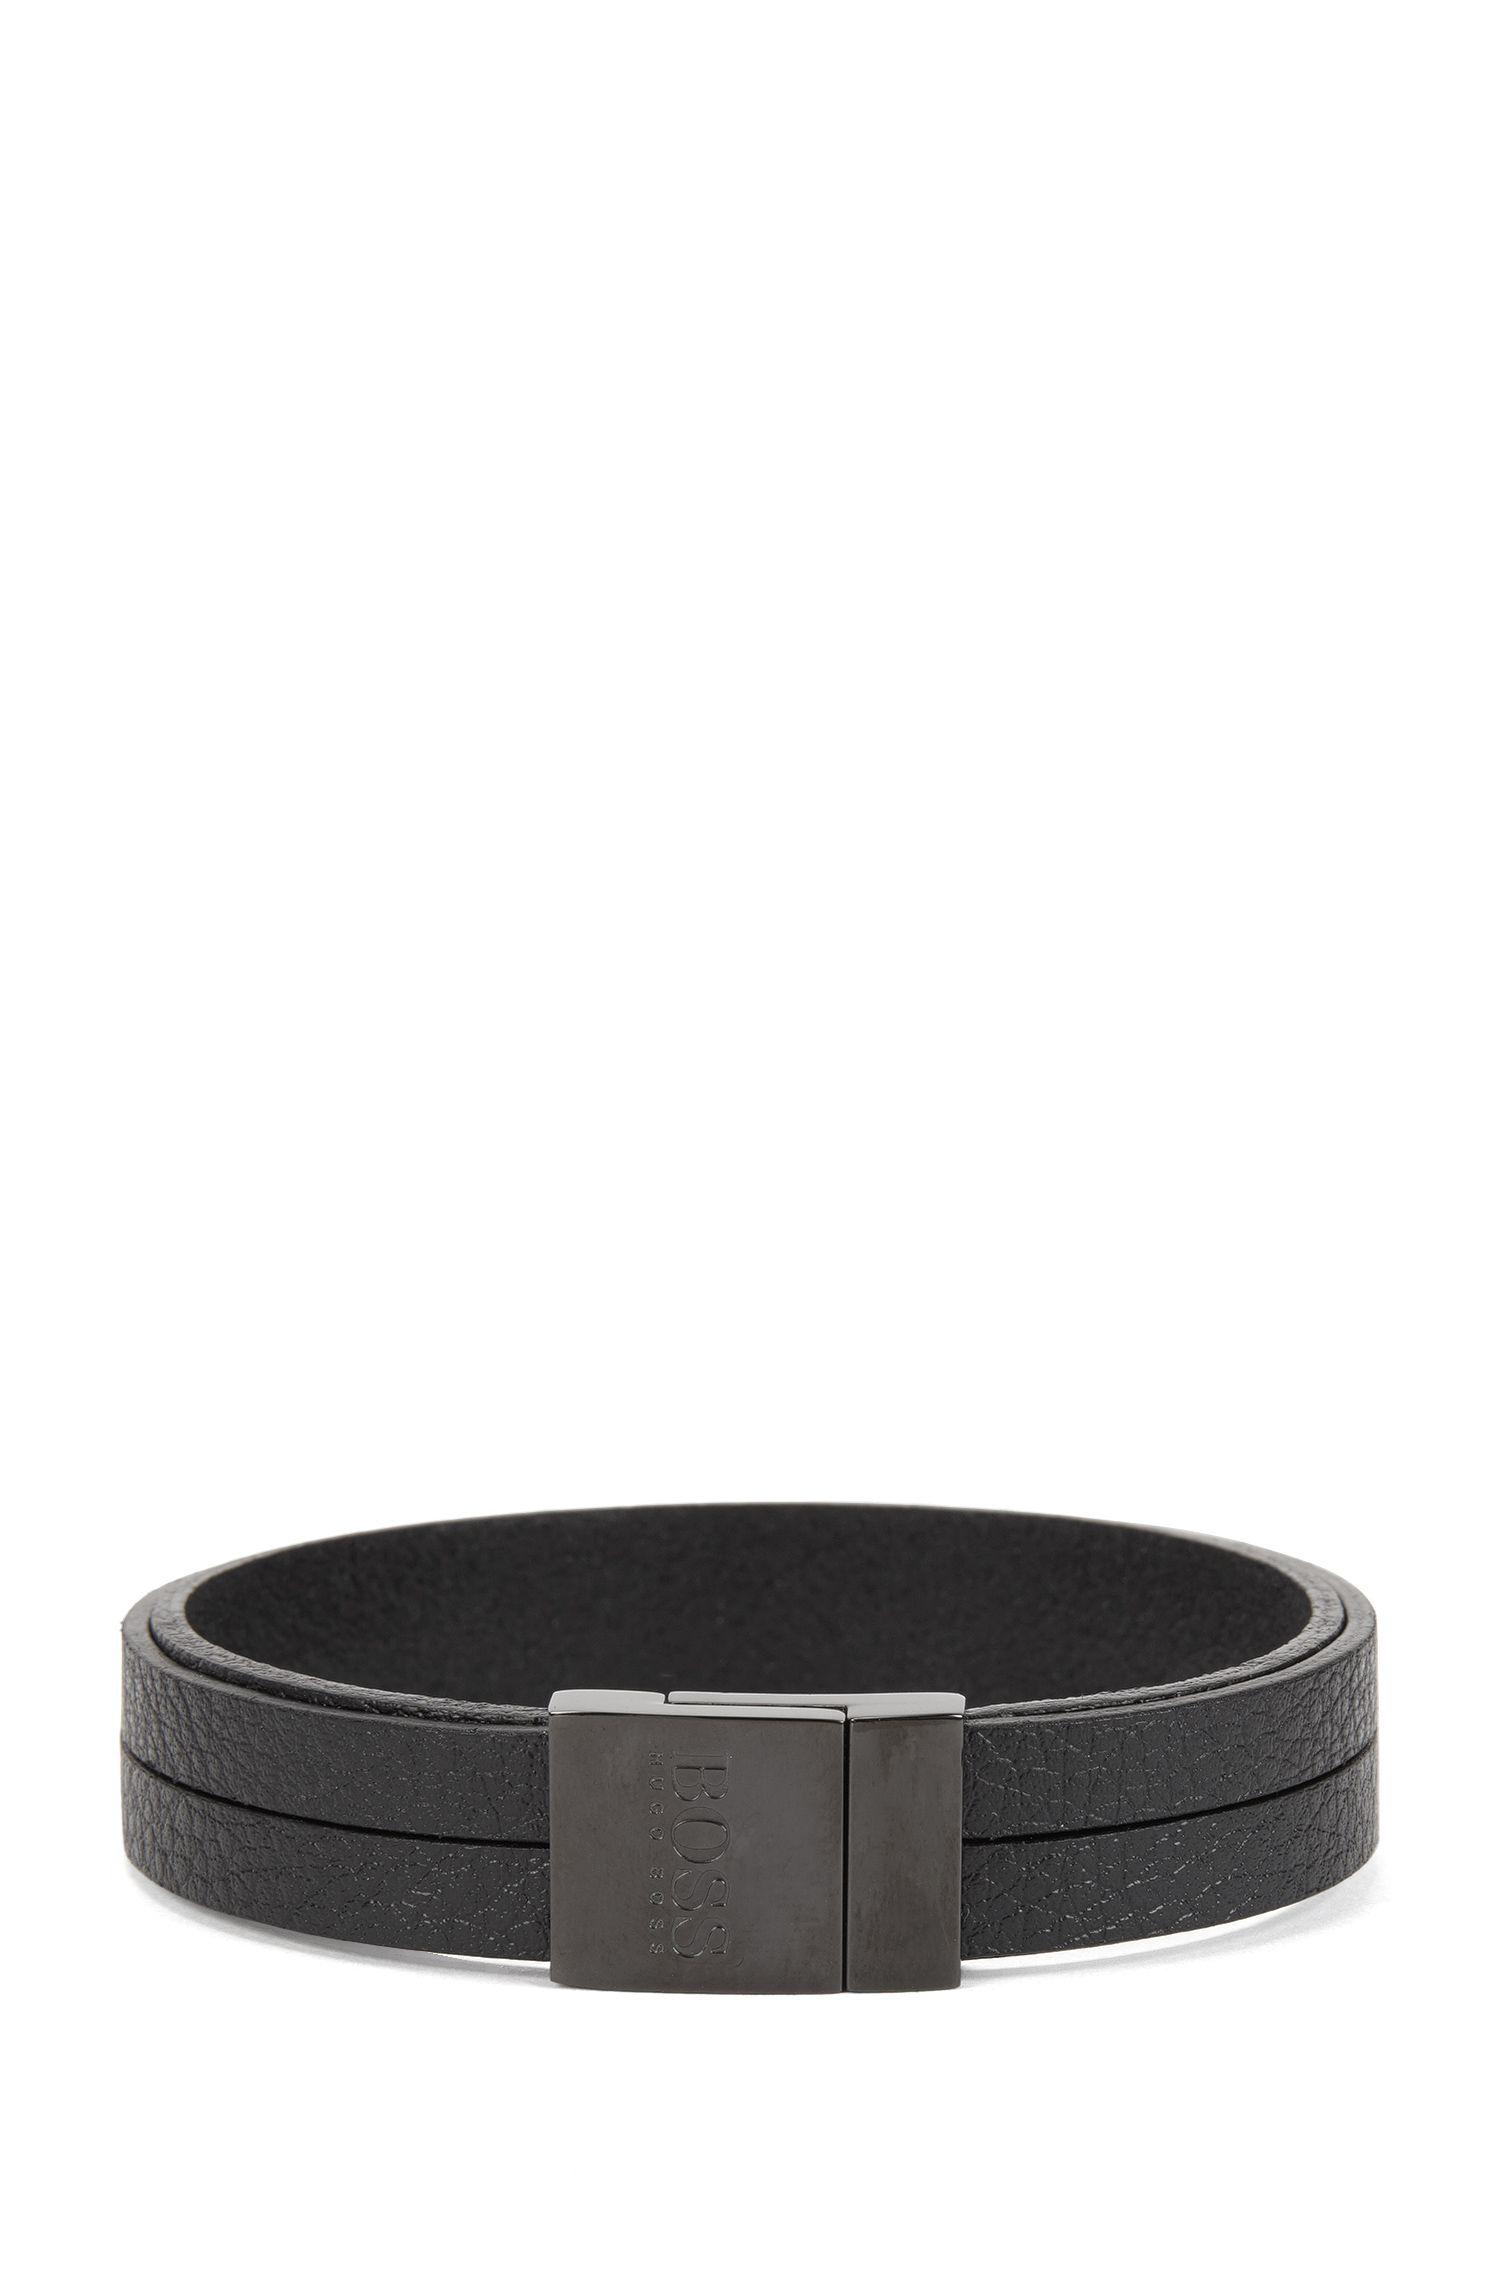 Bracelet en cuir avec fermoir magnétique